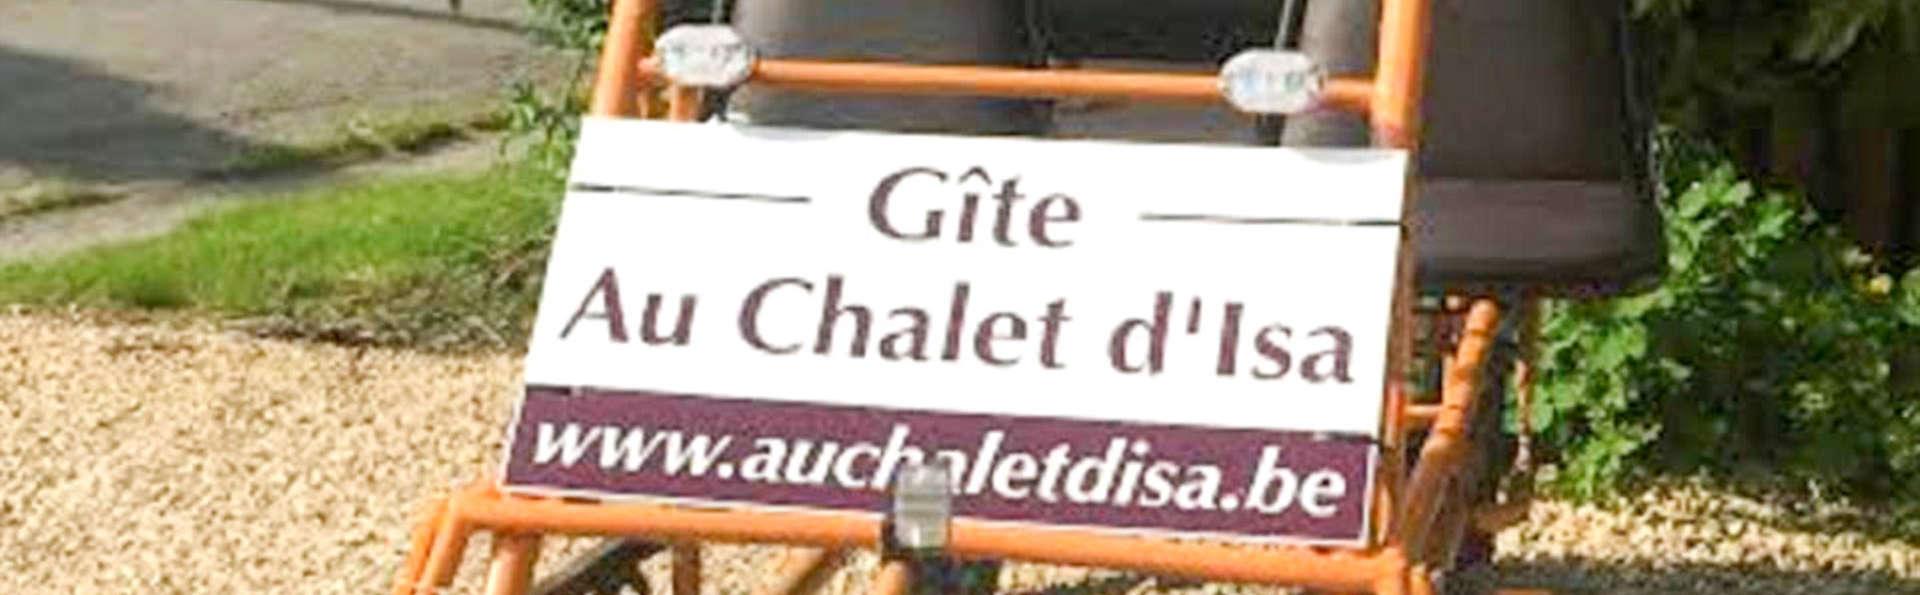 Au Chalet d'Isa - Edit_Au_Chalet_d_Isa__10_.jpg